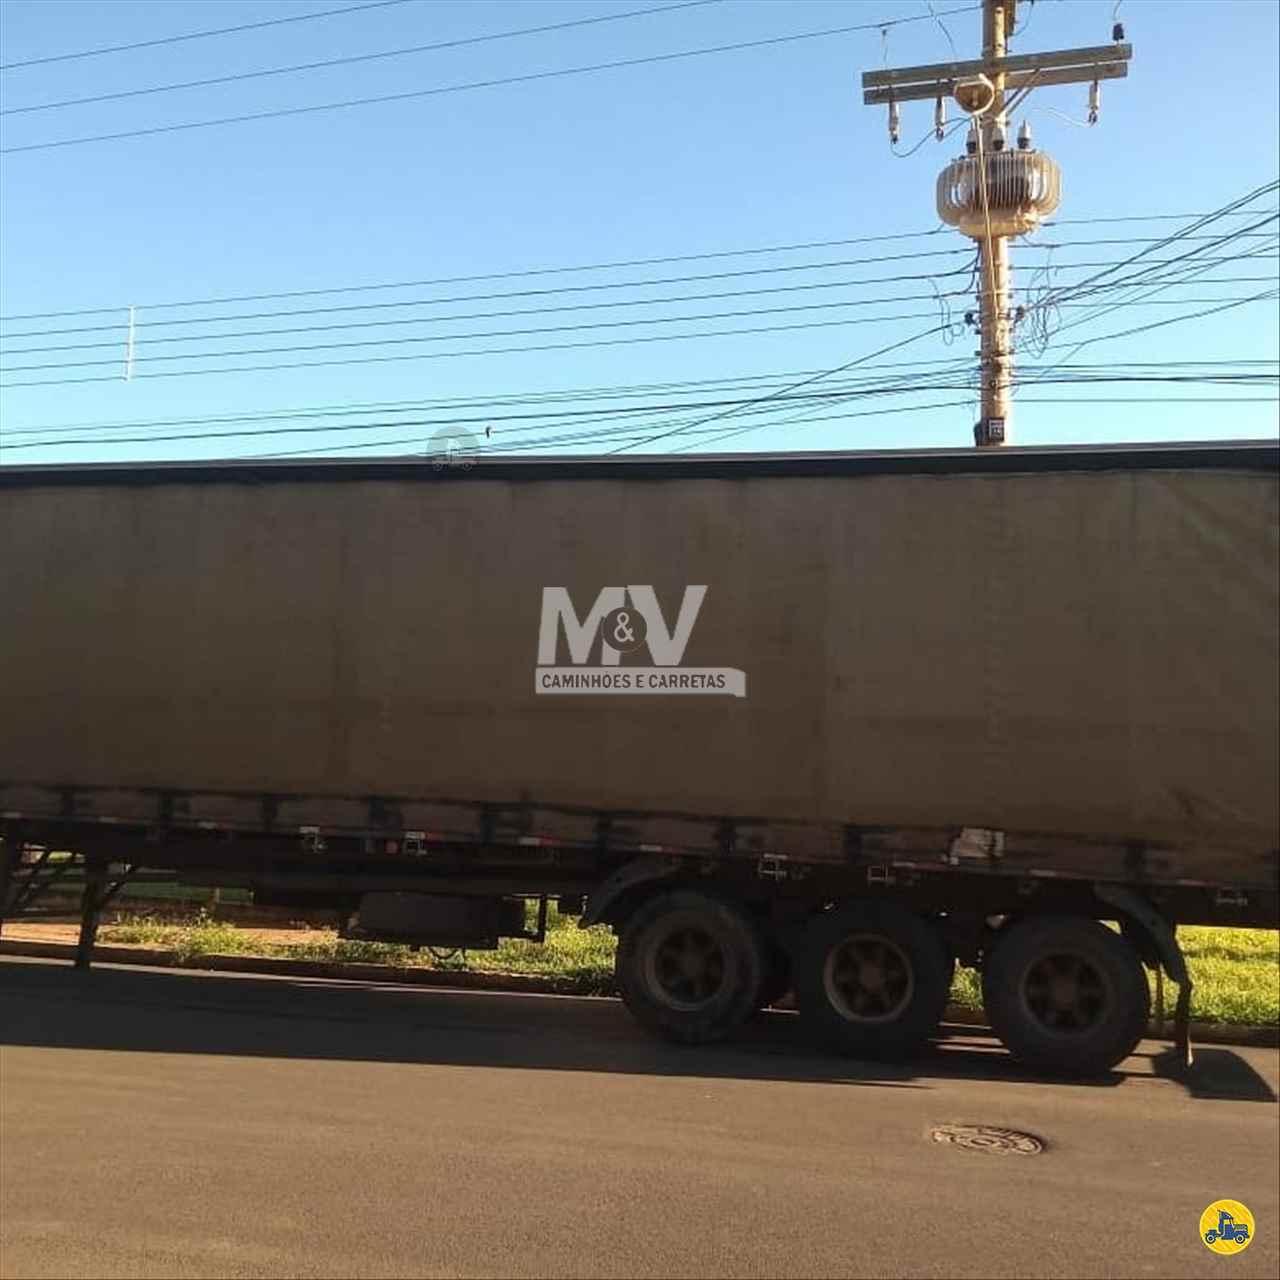 CARRETA SEMI-REBOQUE BAU SIDER Reta M&V Caminhões e Carretas LIMEIRA SÃO PAULO SP